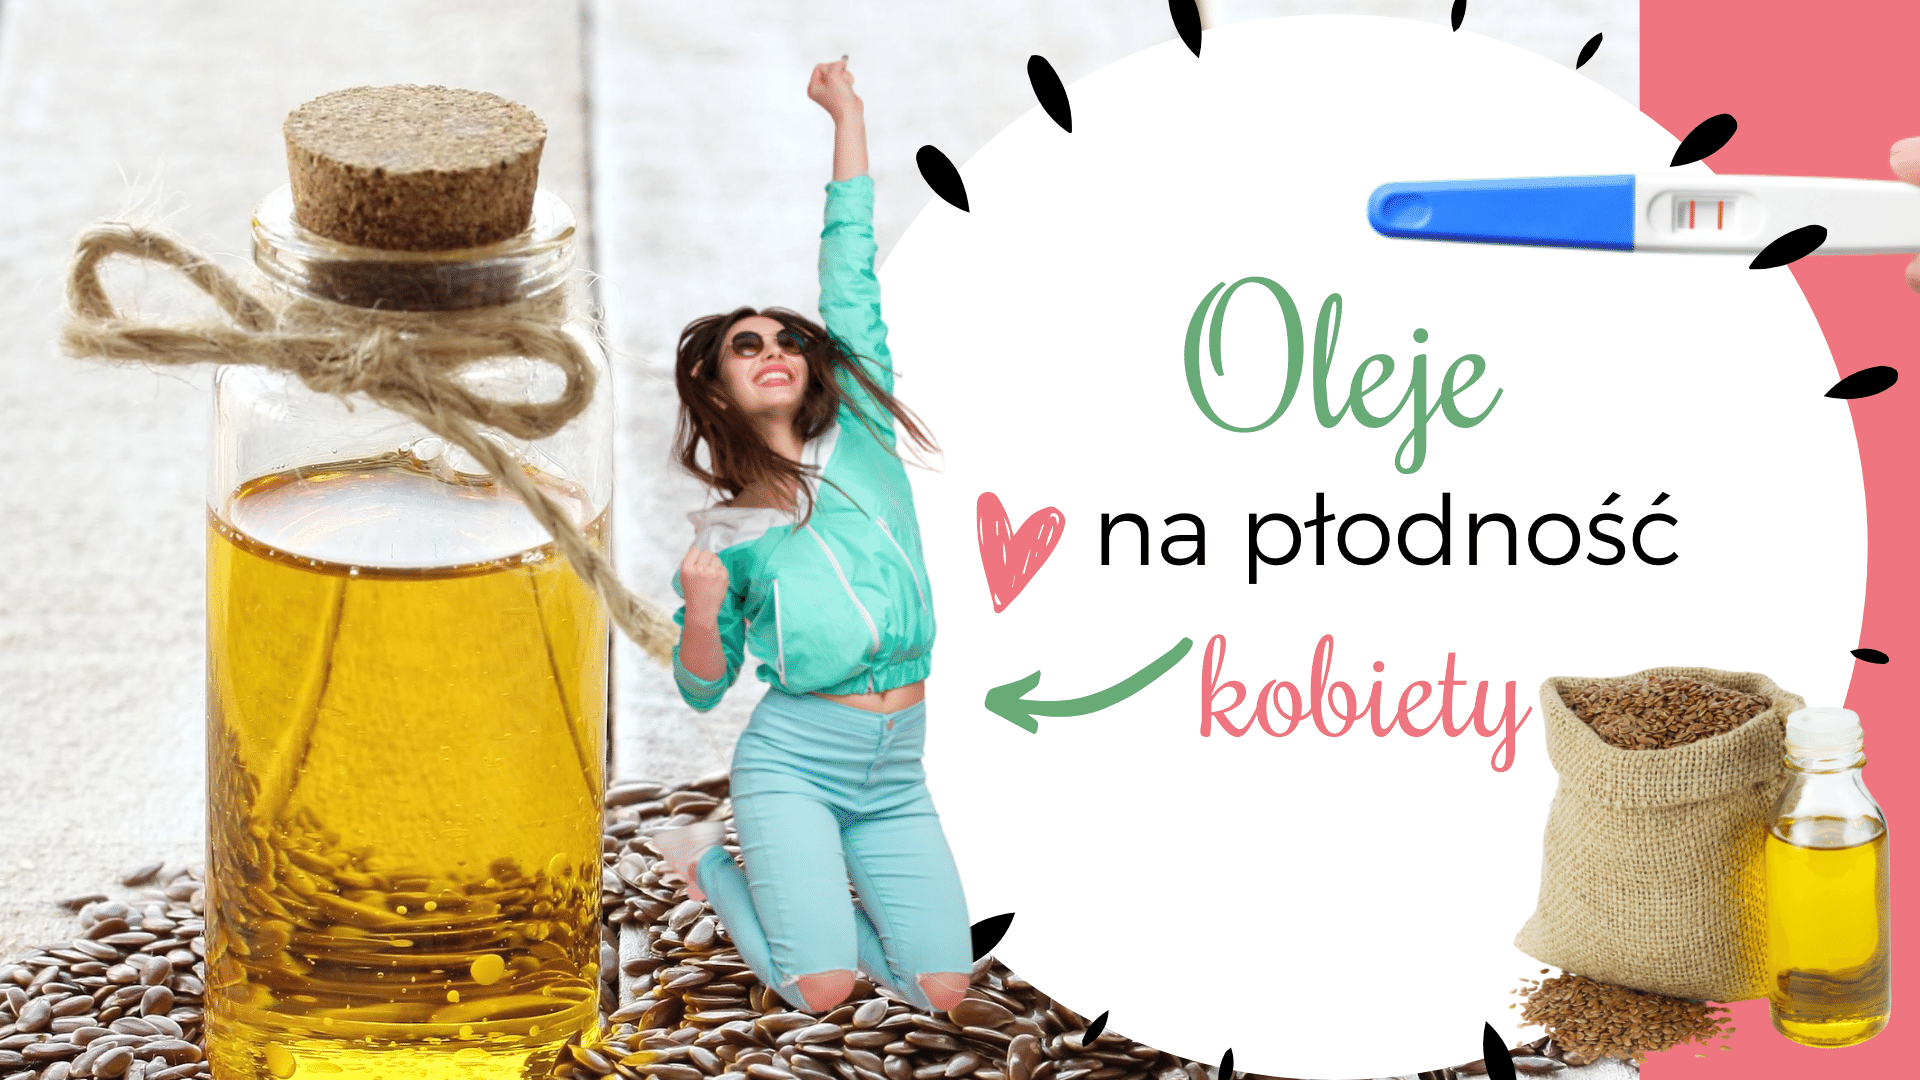 Oleje na płodność kobiety